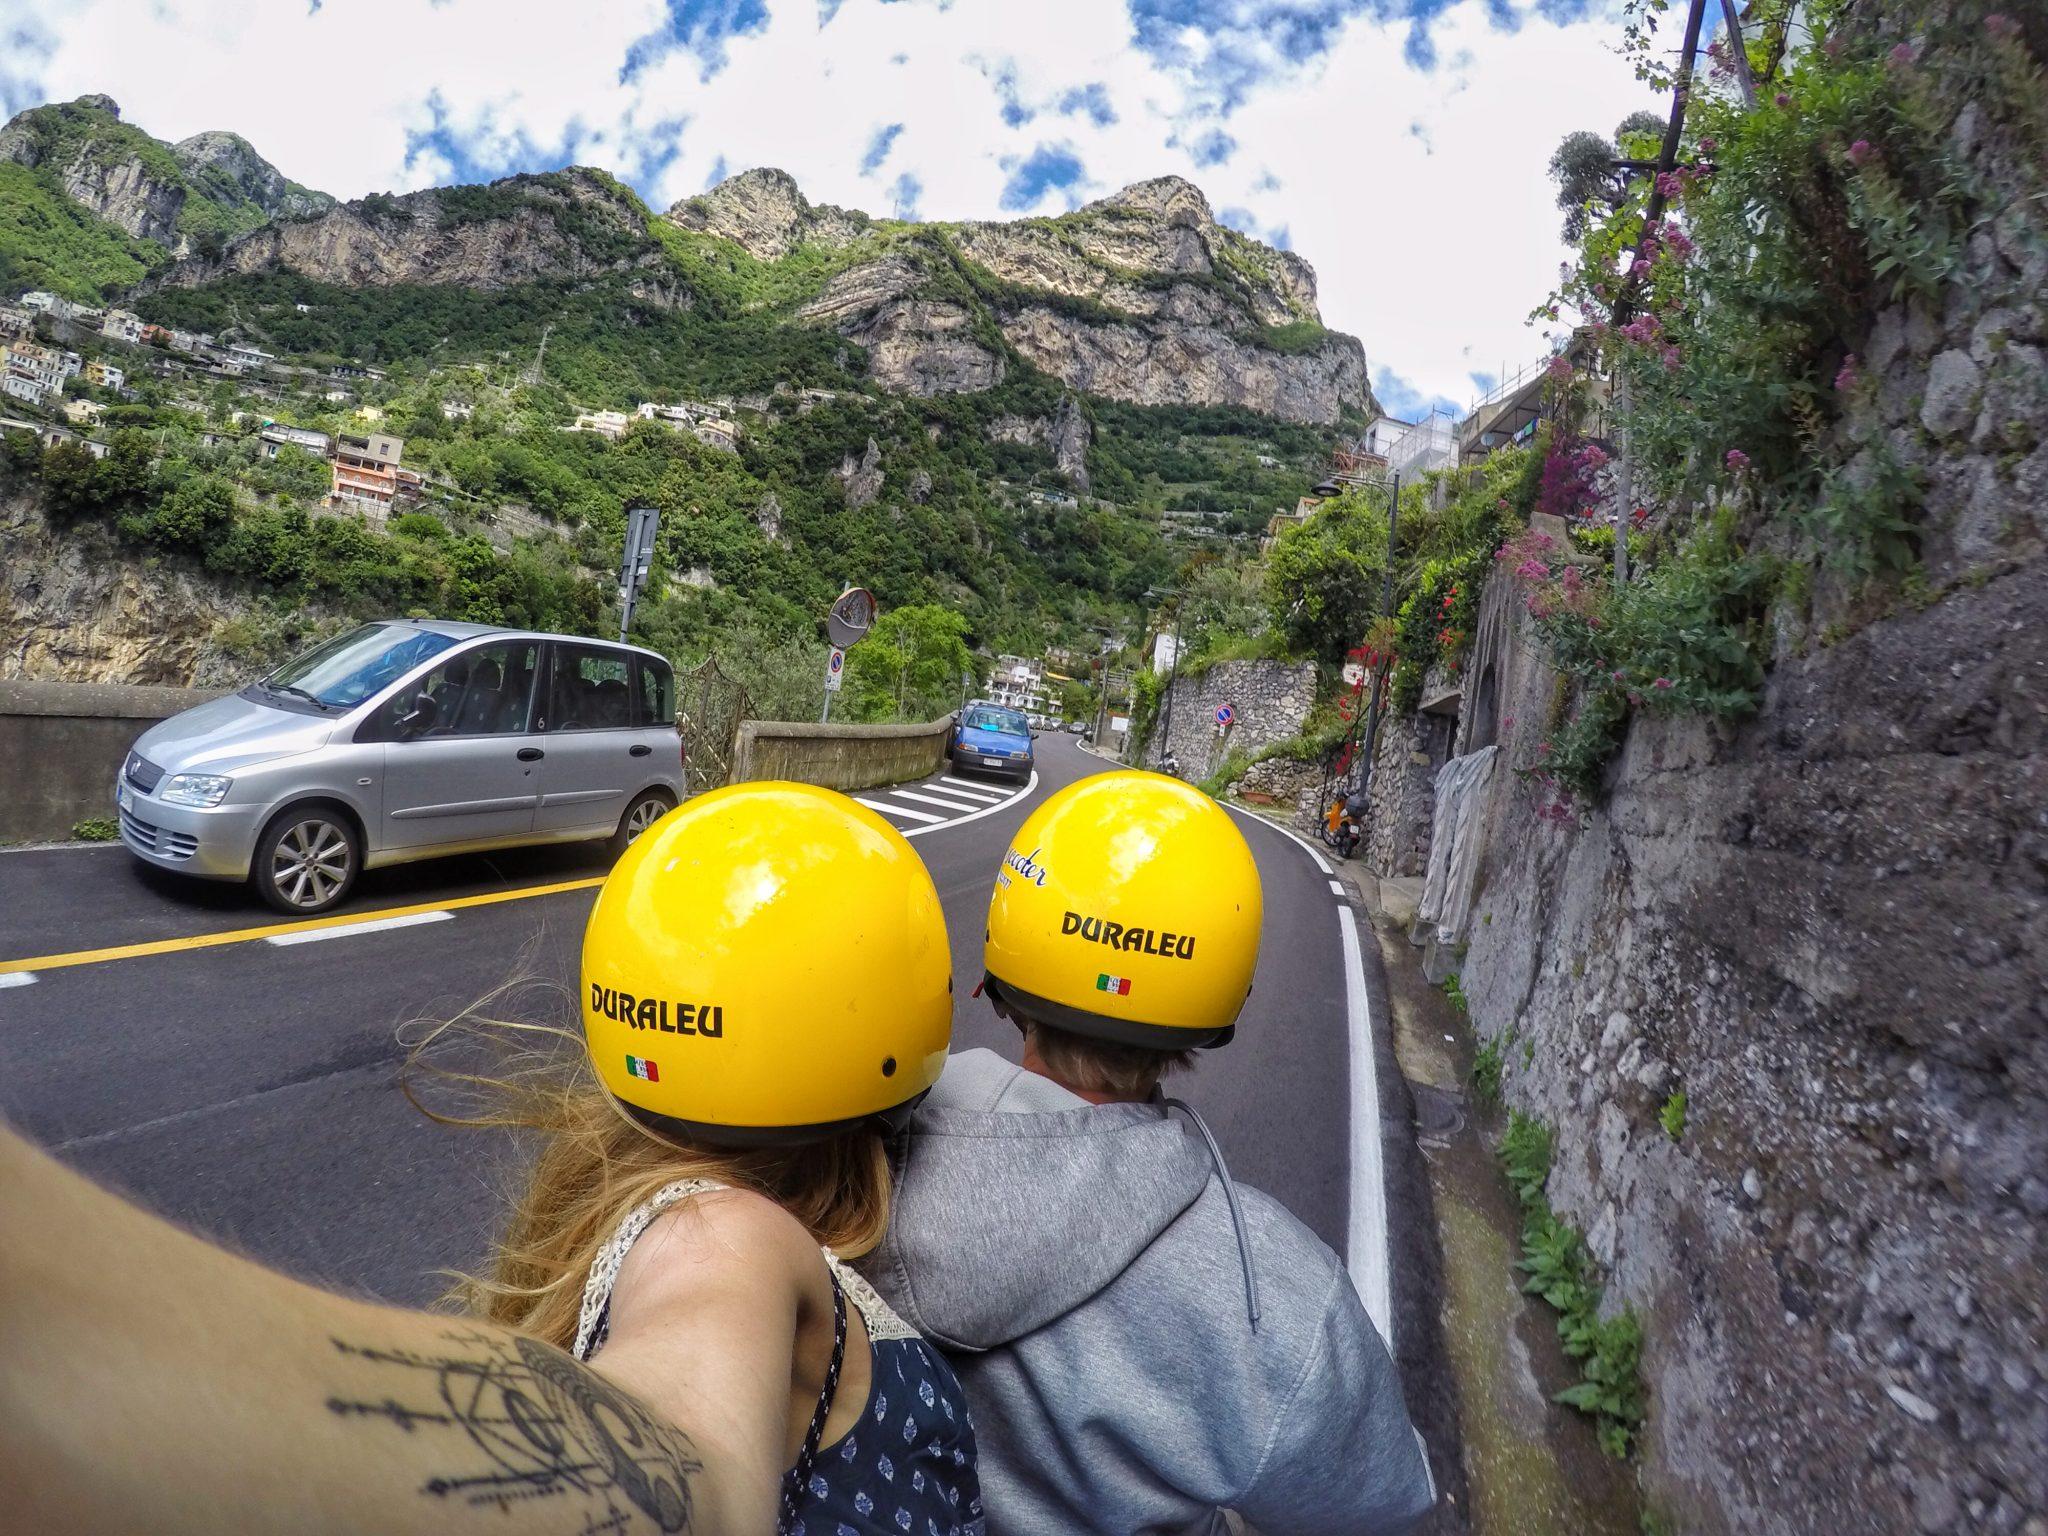 riding scooter amalfi coast, positano, italy